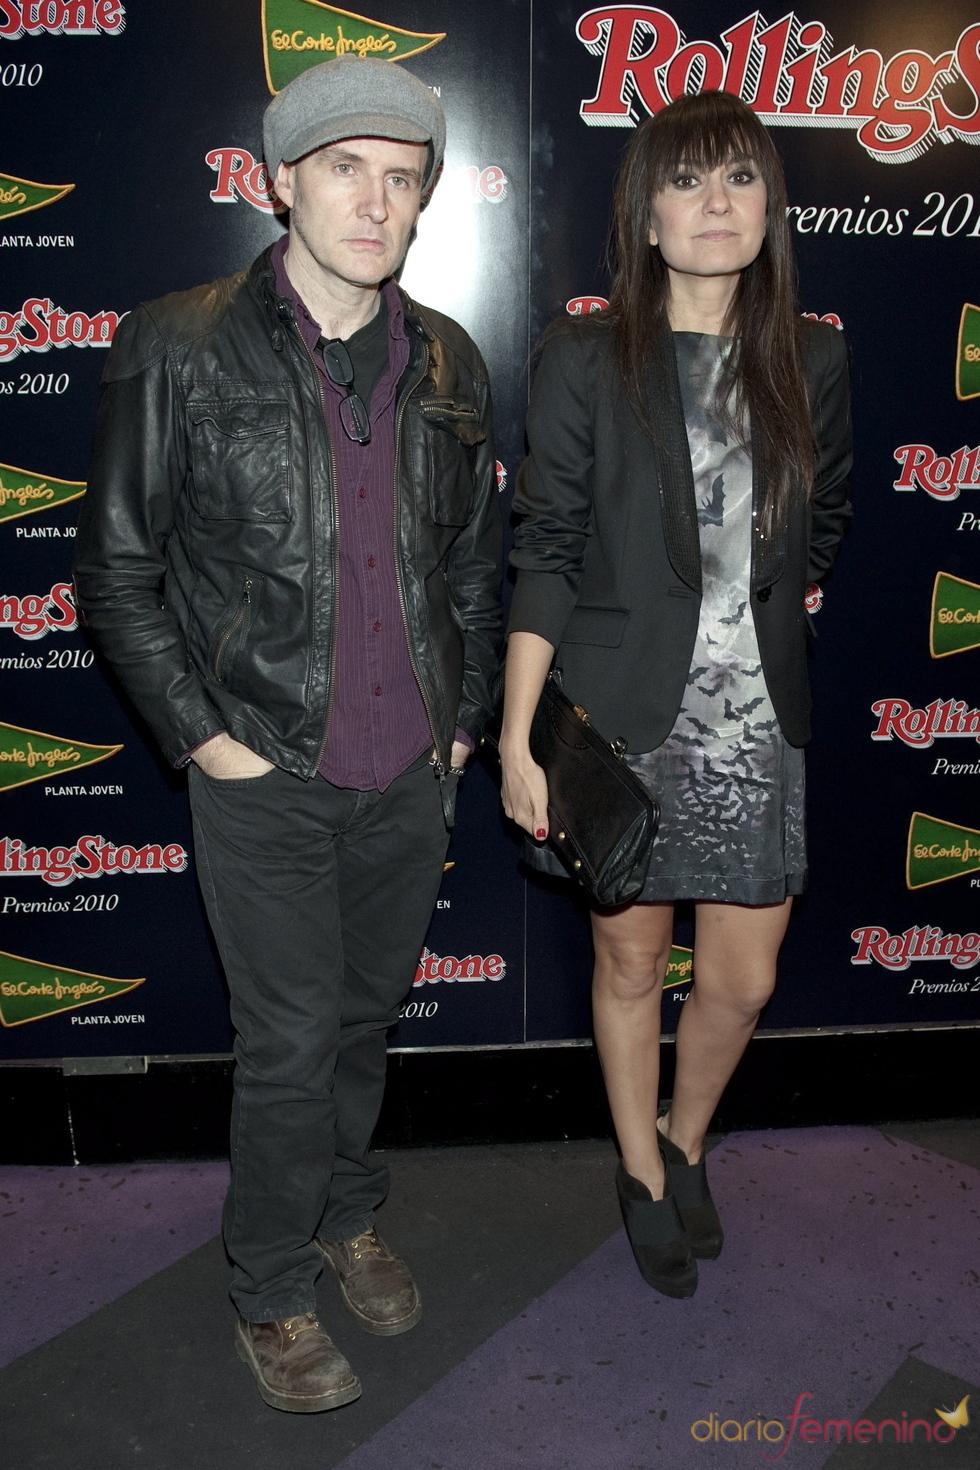 Premios Rolling Stone 2010 con Amaral